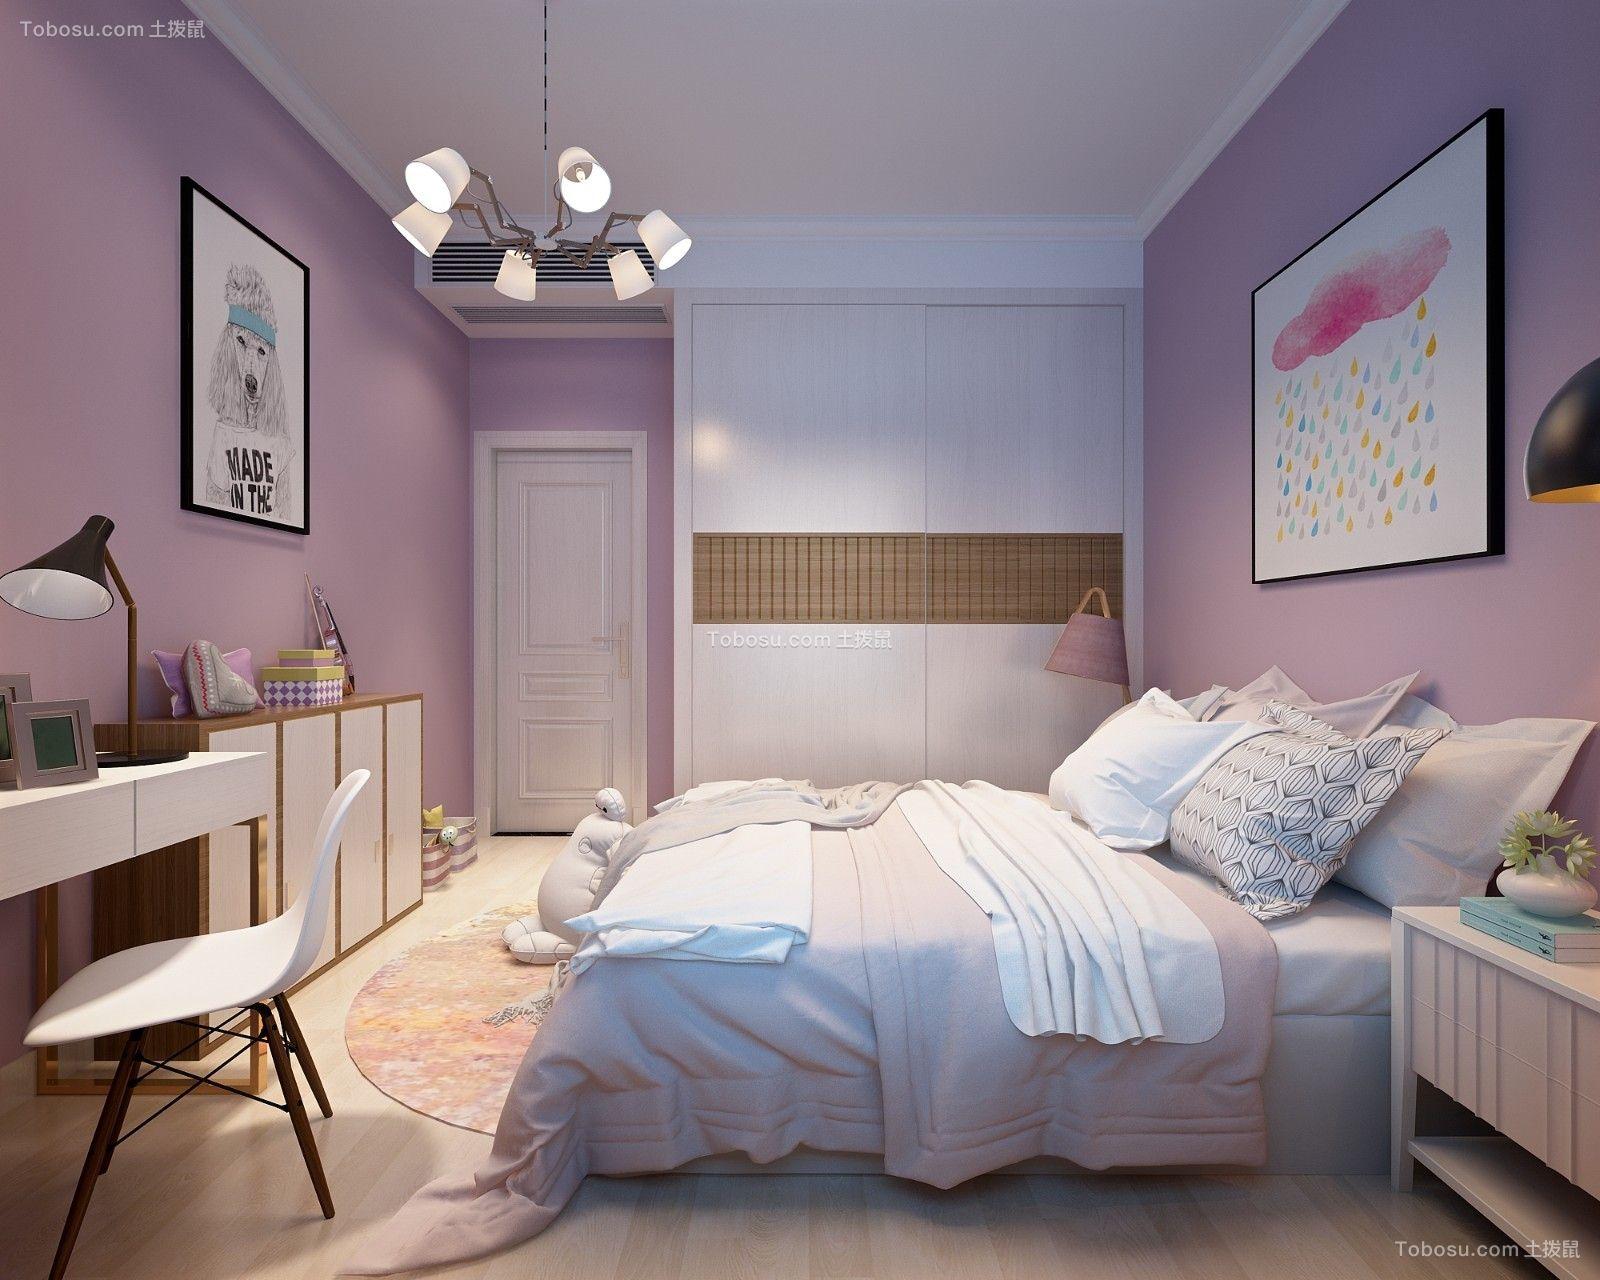 2019北欧儿童房装饰设计 2019北欧衣柜装修设计图片